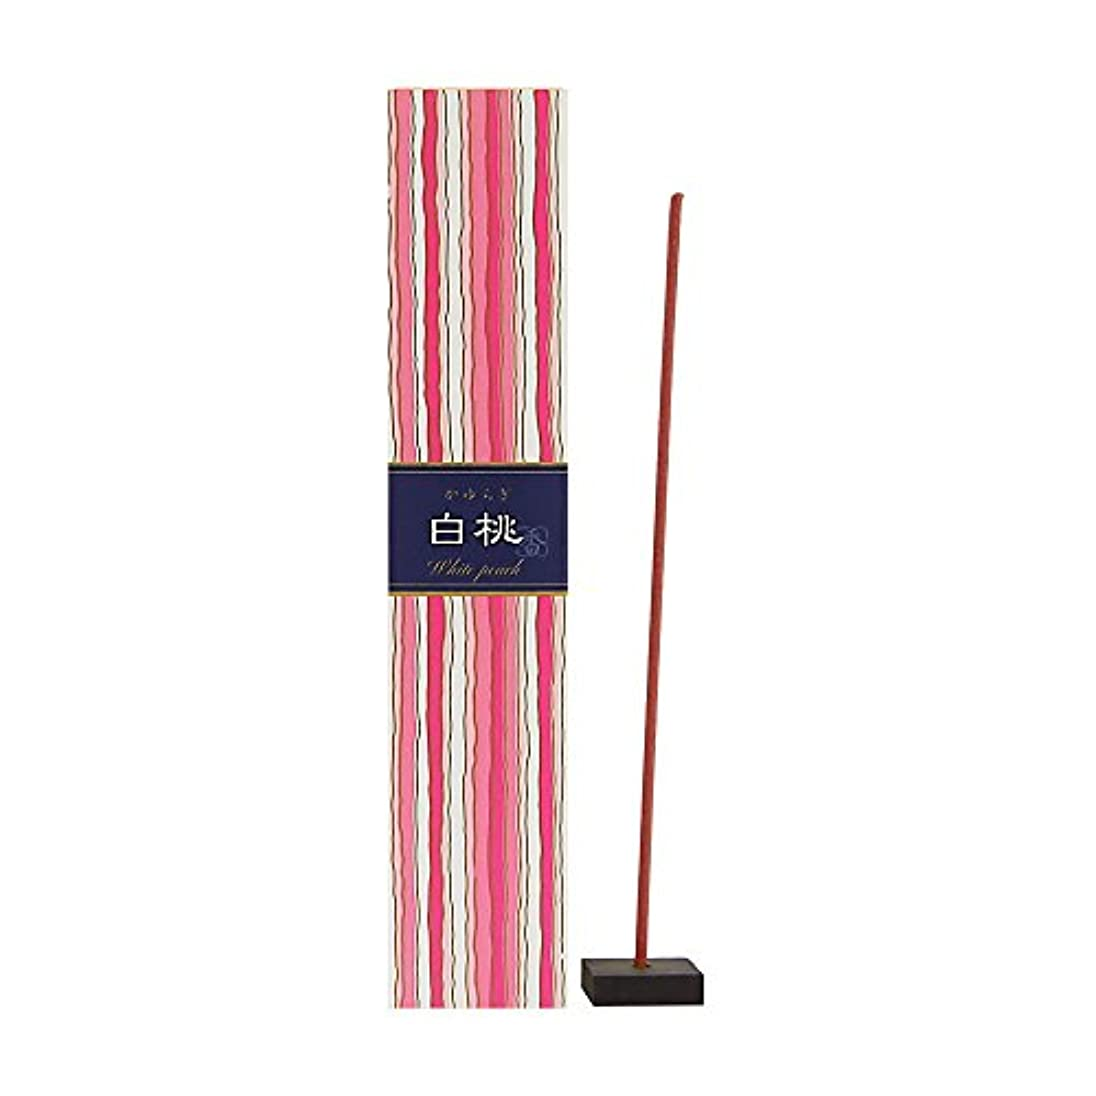 貨物捨てる矛盾するNippon Kodo – Kayuragi – ホワイトピーチ40 Sticks